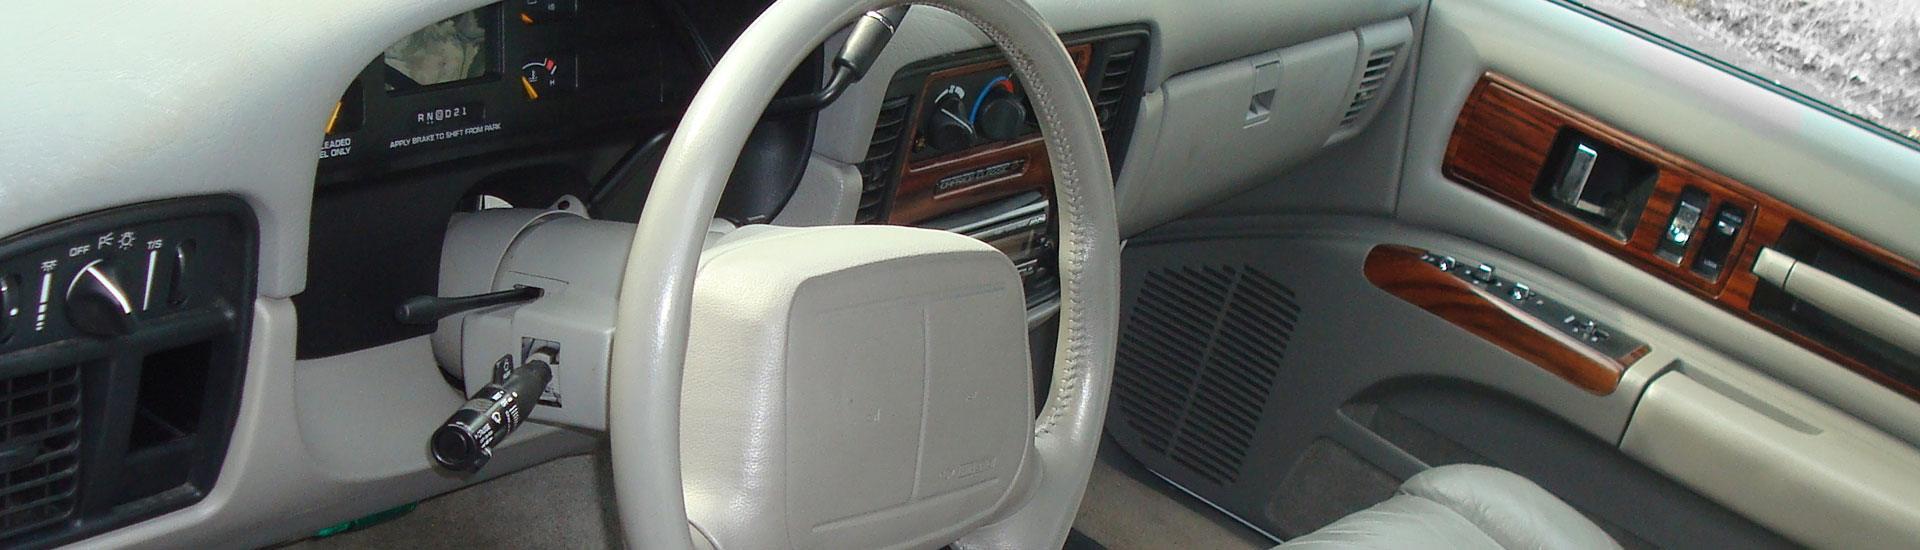 1996 chevrolet caprice custom dash kits